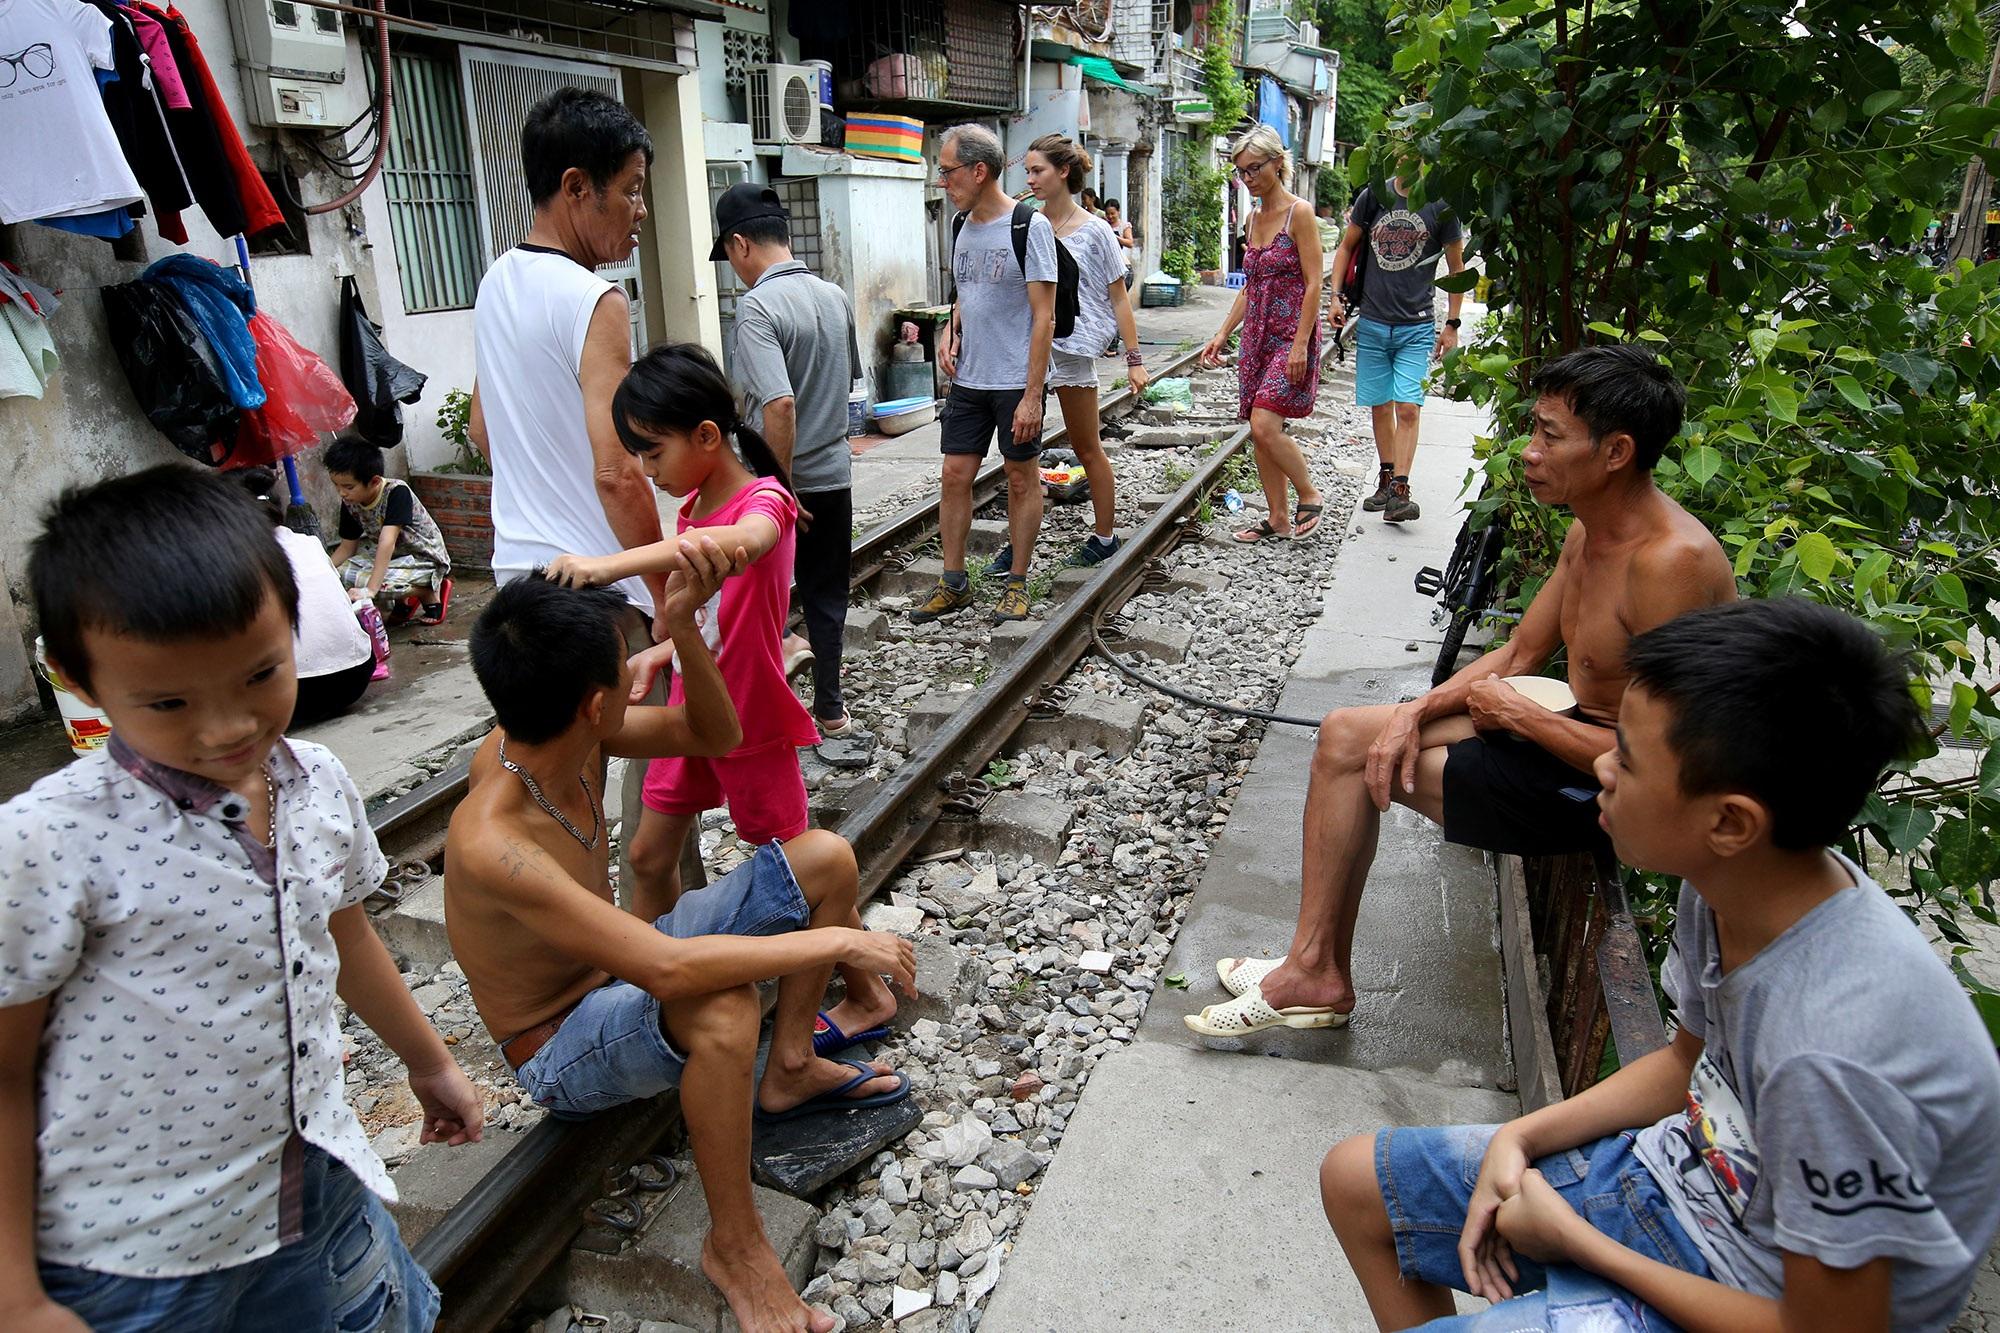 Xóm đường tàu lên đời thành điểm du lịch hấp dẫn ở Hà Nội - 3